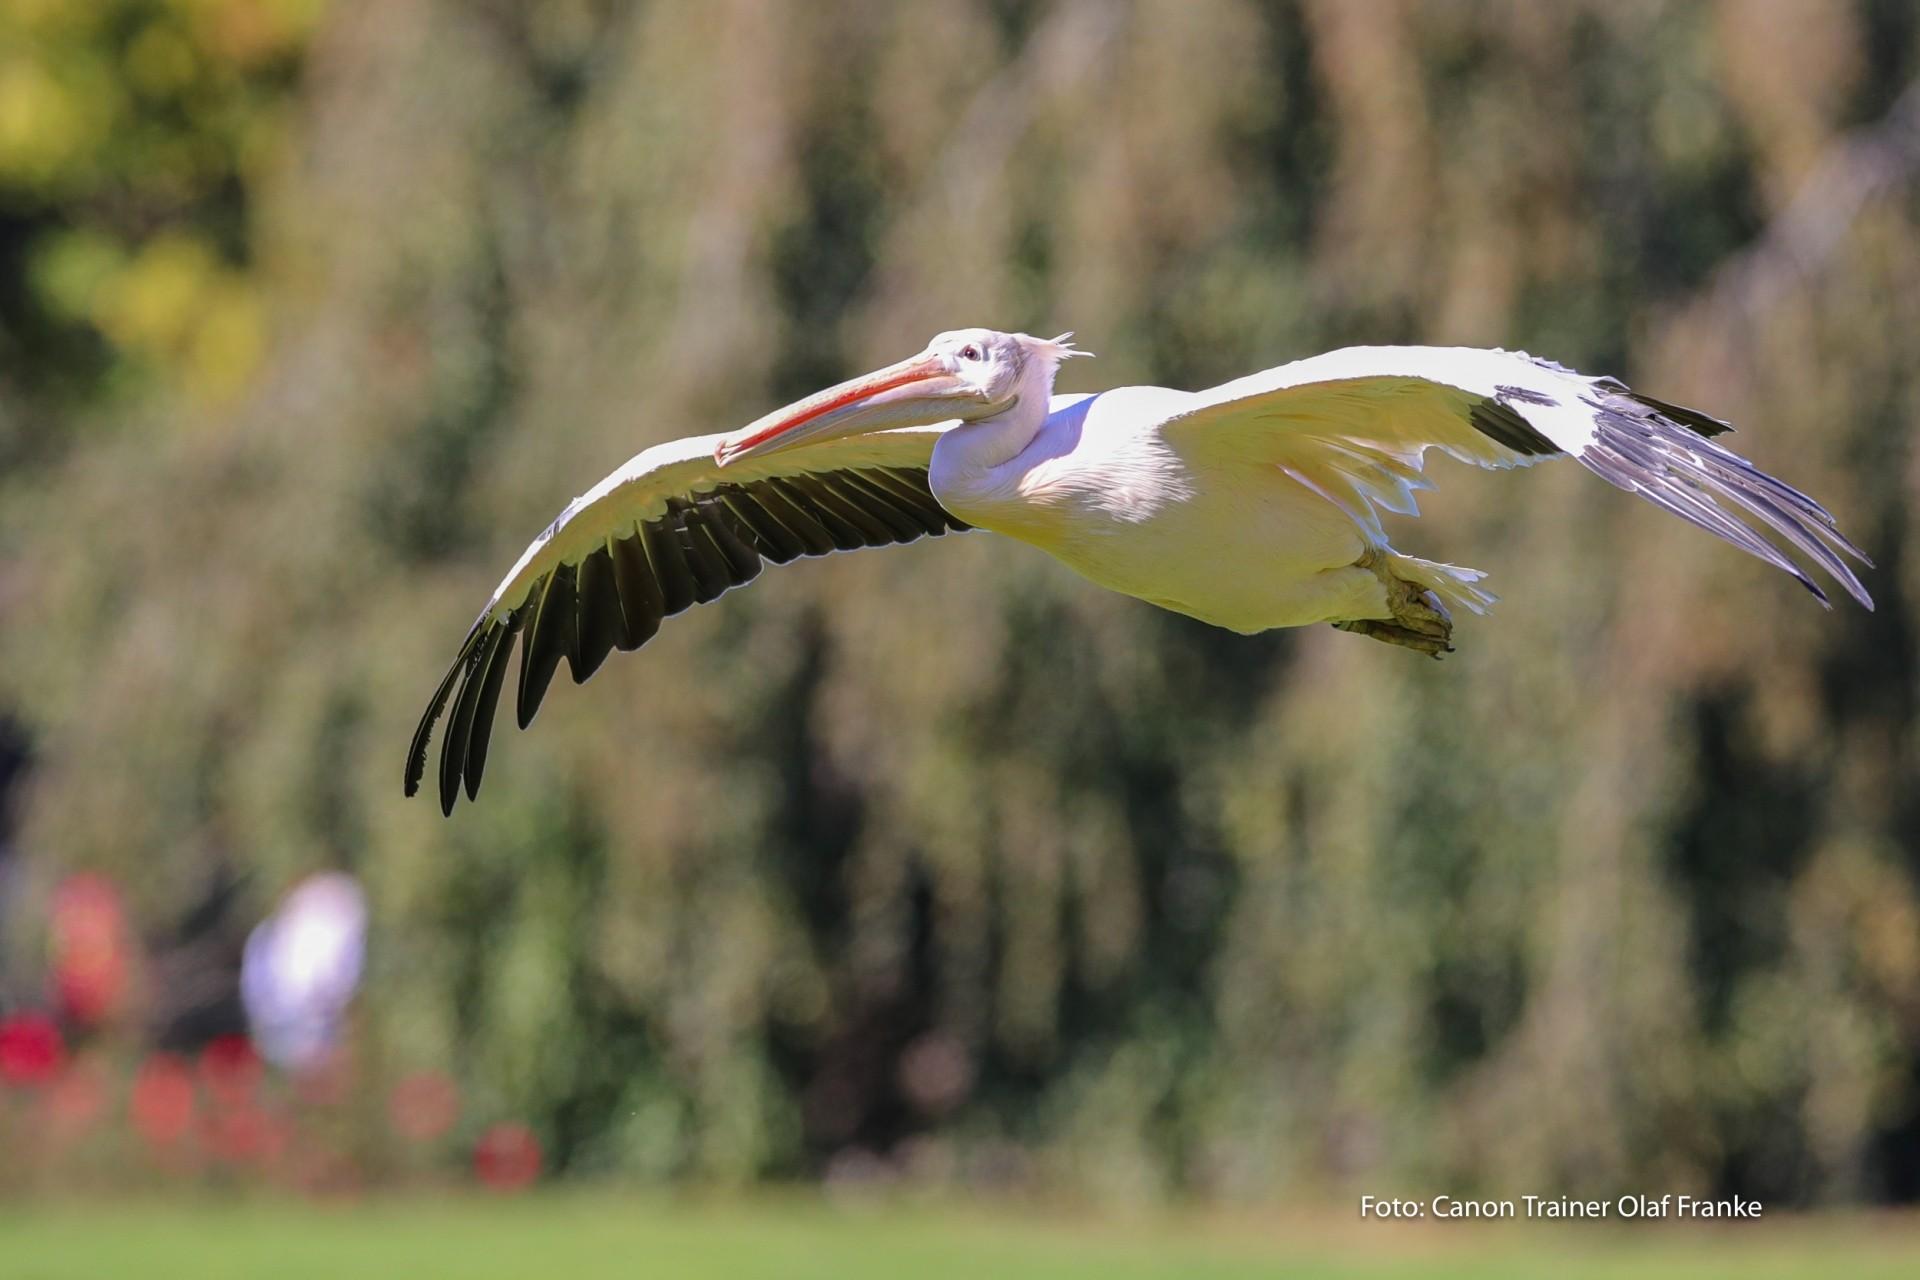 Vogelflug im Weltvogelpark Walsrode - Schwerpunkt AF-System - Canon Academy Natur-, Tier- und Makro